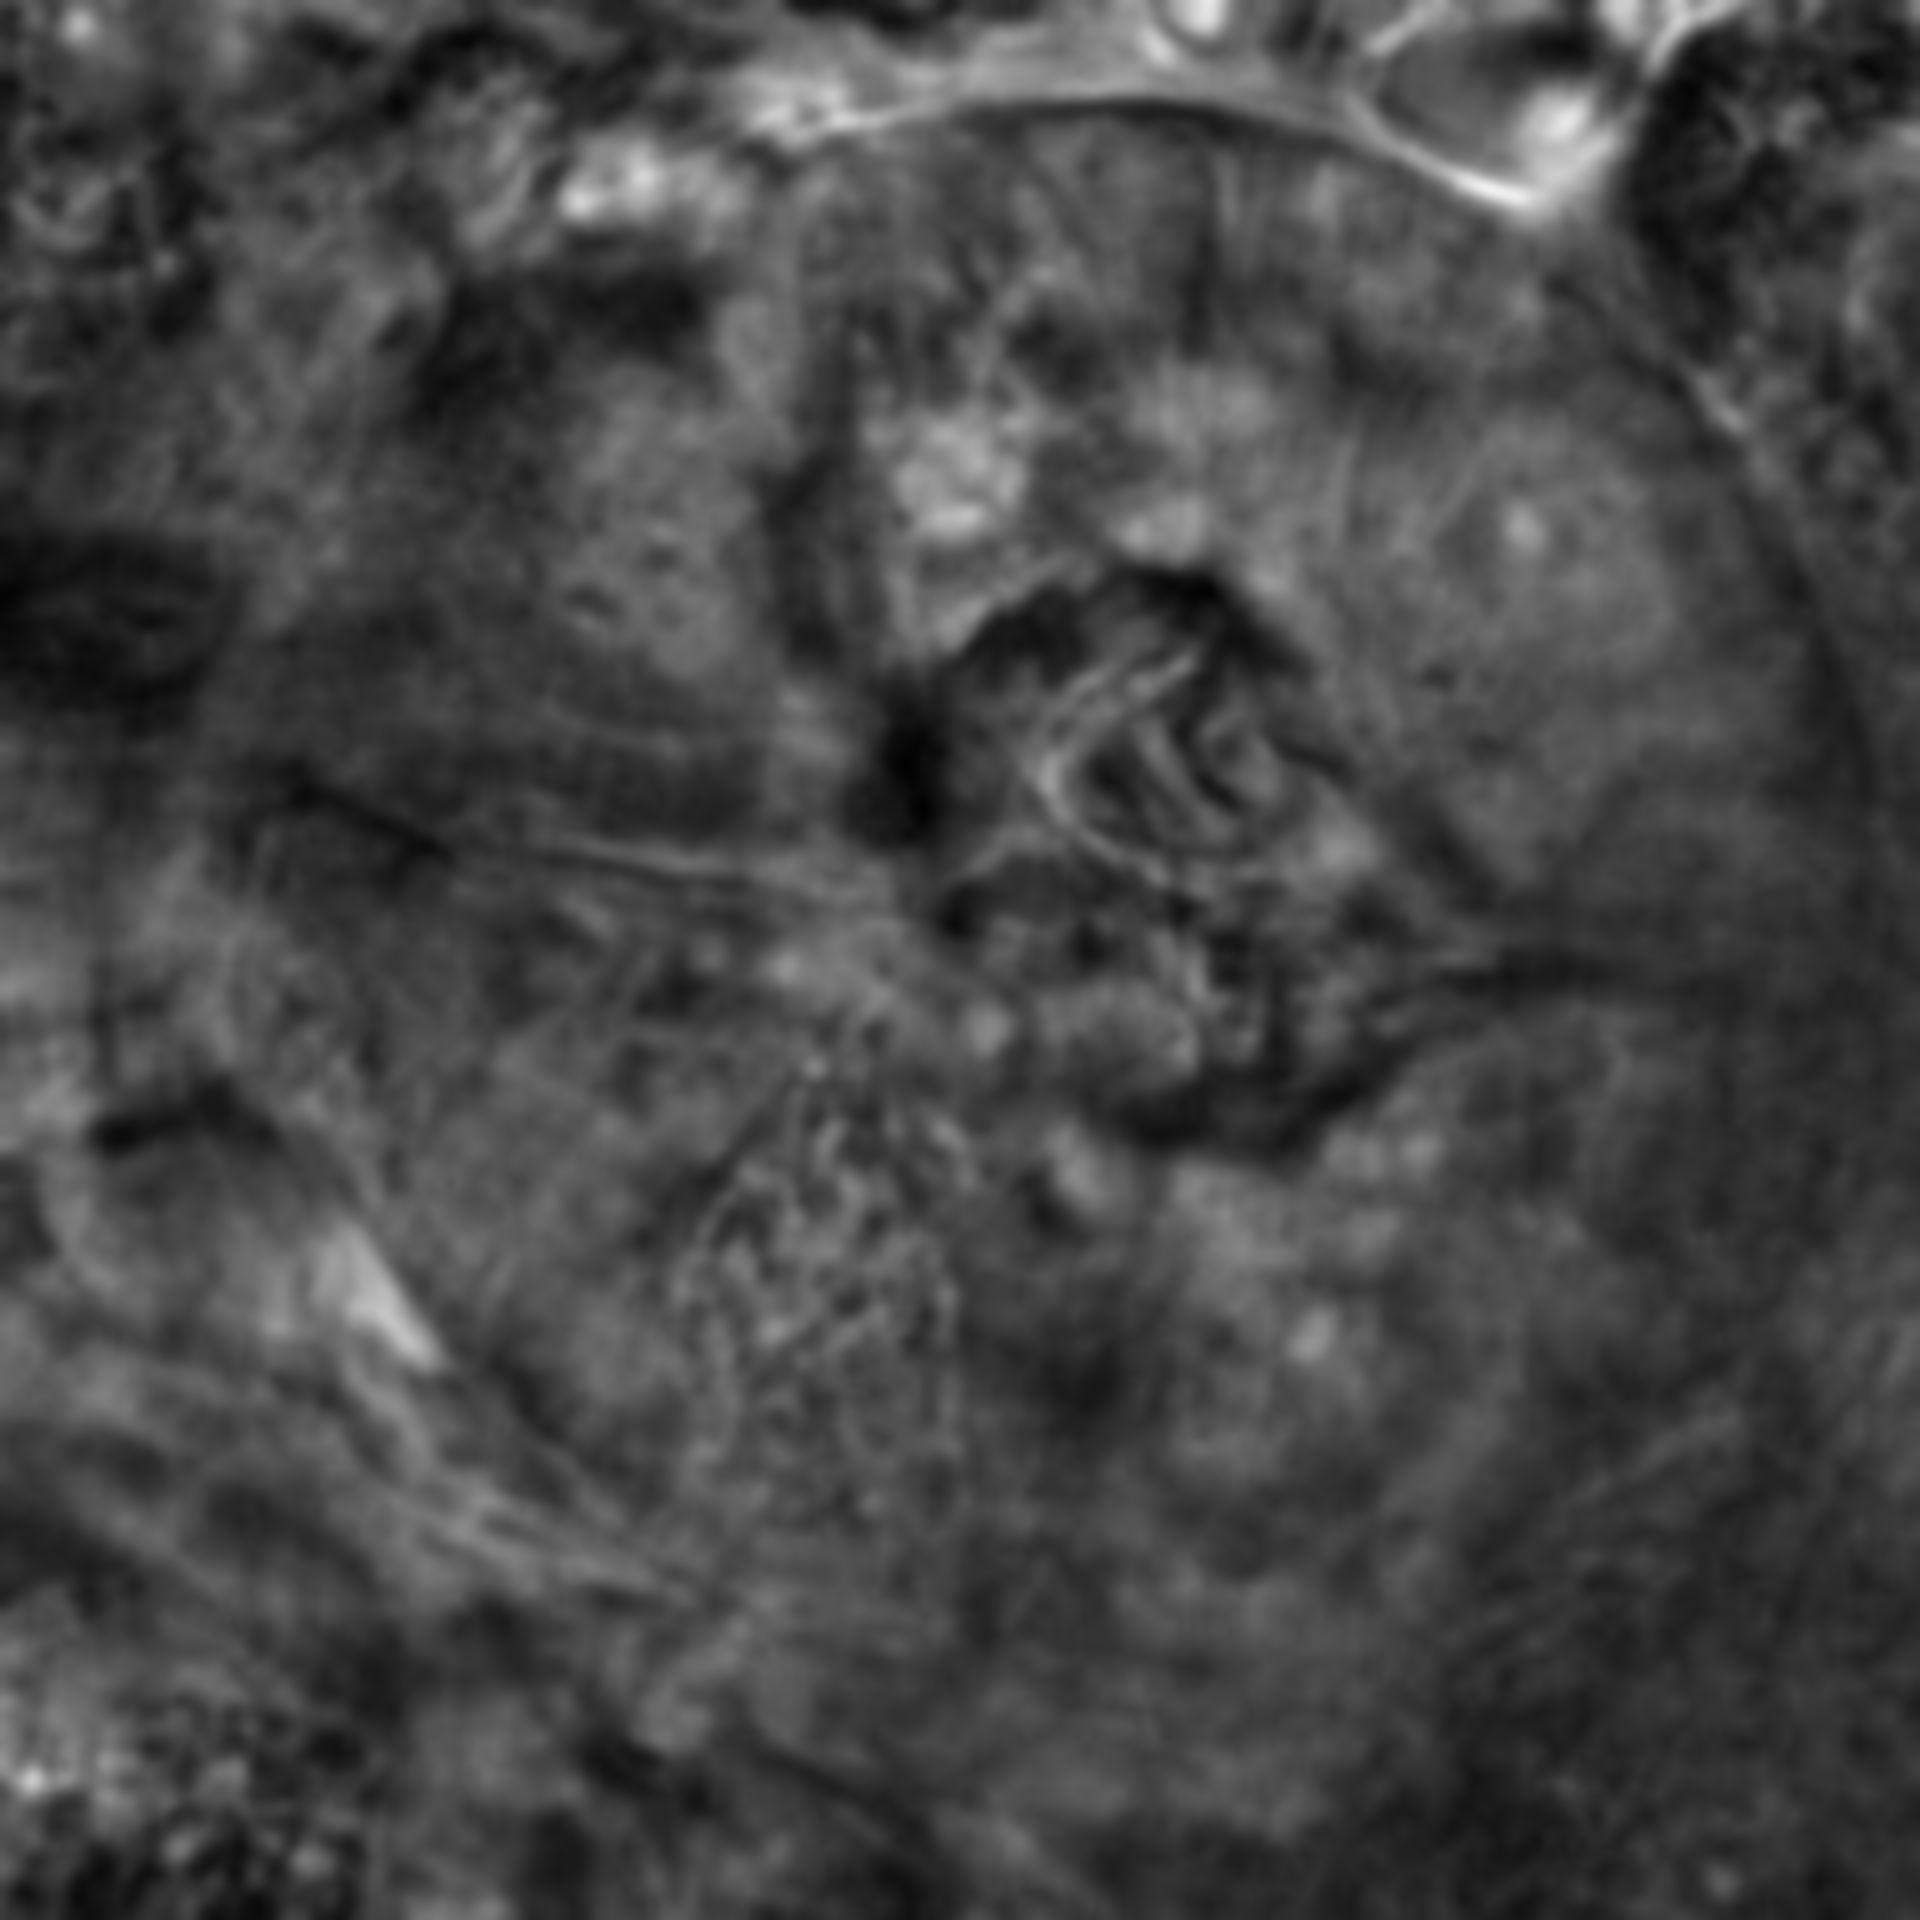 Caenorhabditis elegans - CIL:2629